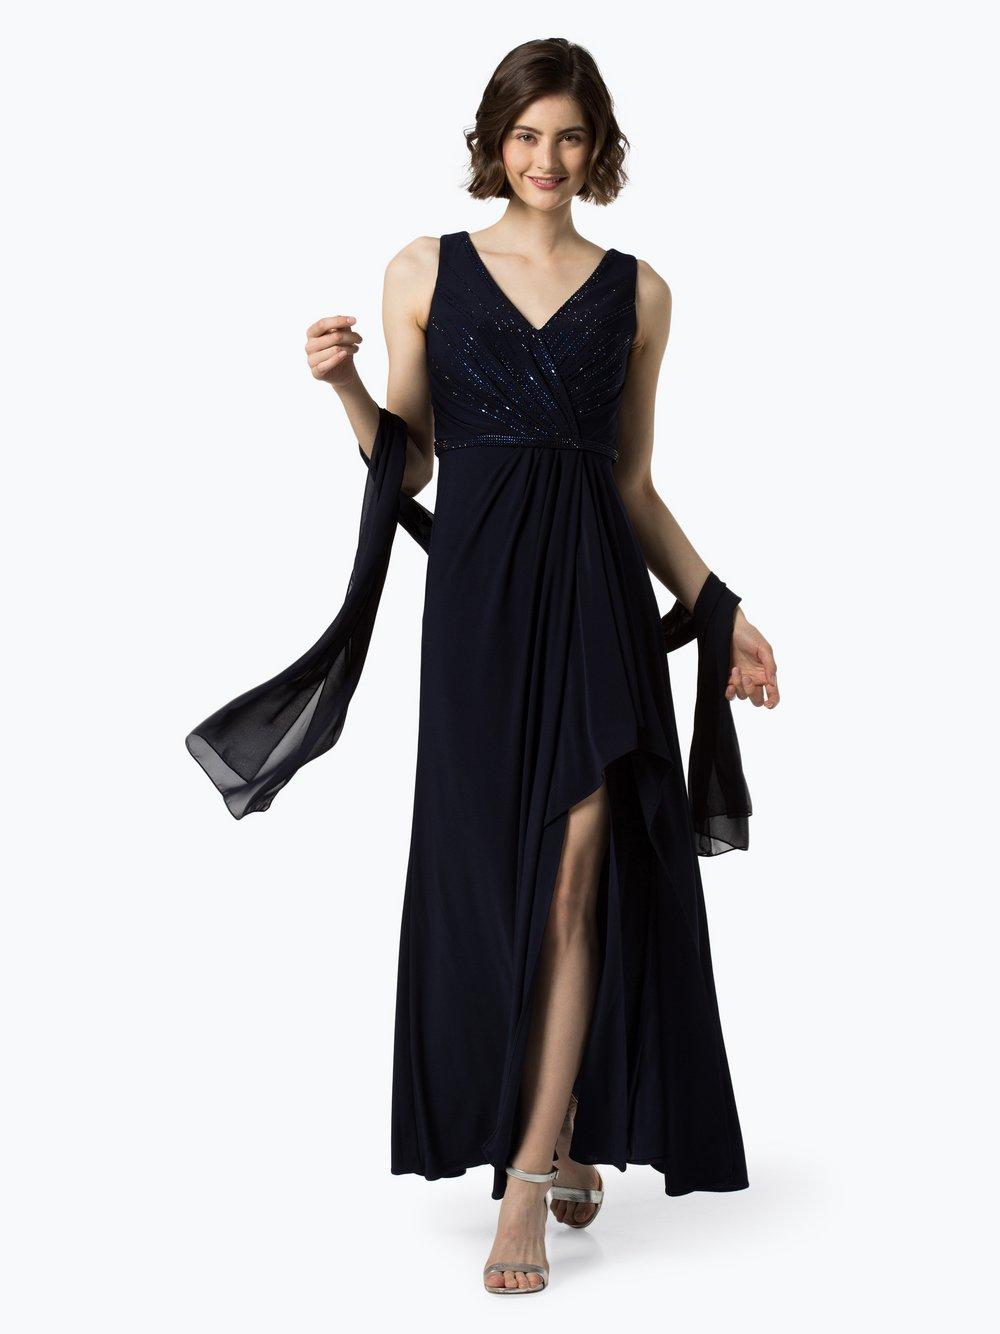 Luxuar Fashion – Damska sukienka wieczorowa z etolą, niebieski Van Graaf 441635-0001-00380